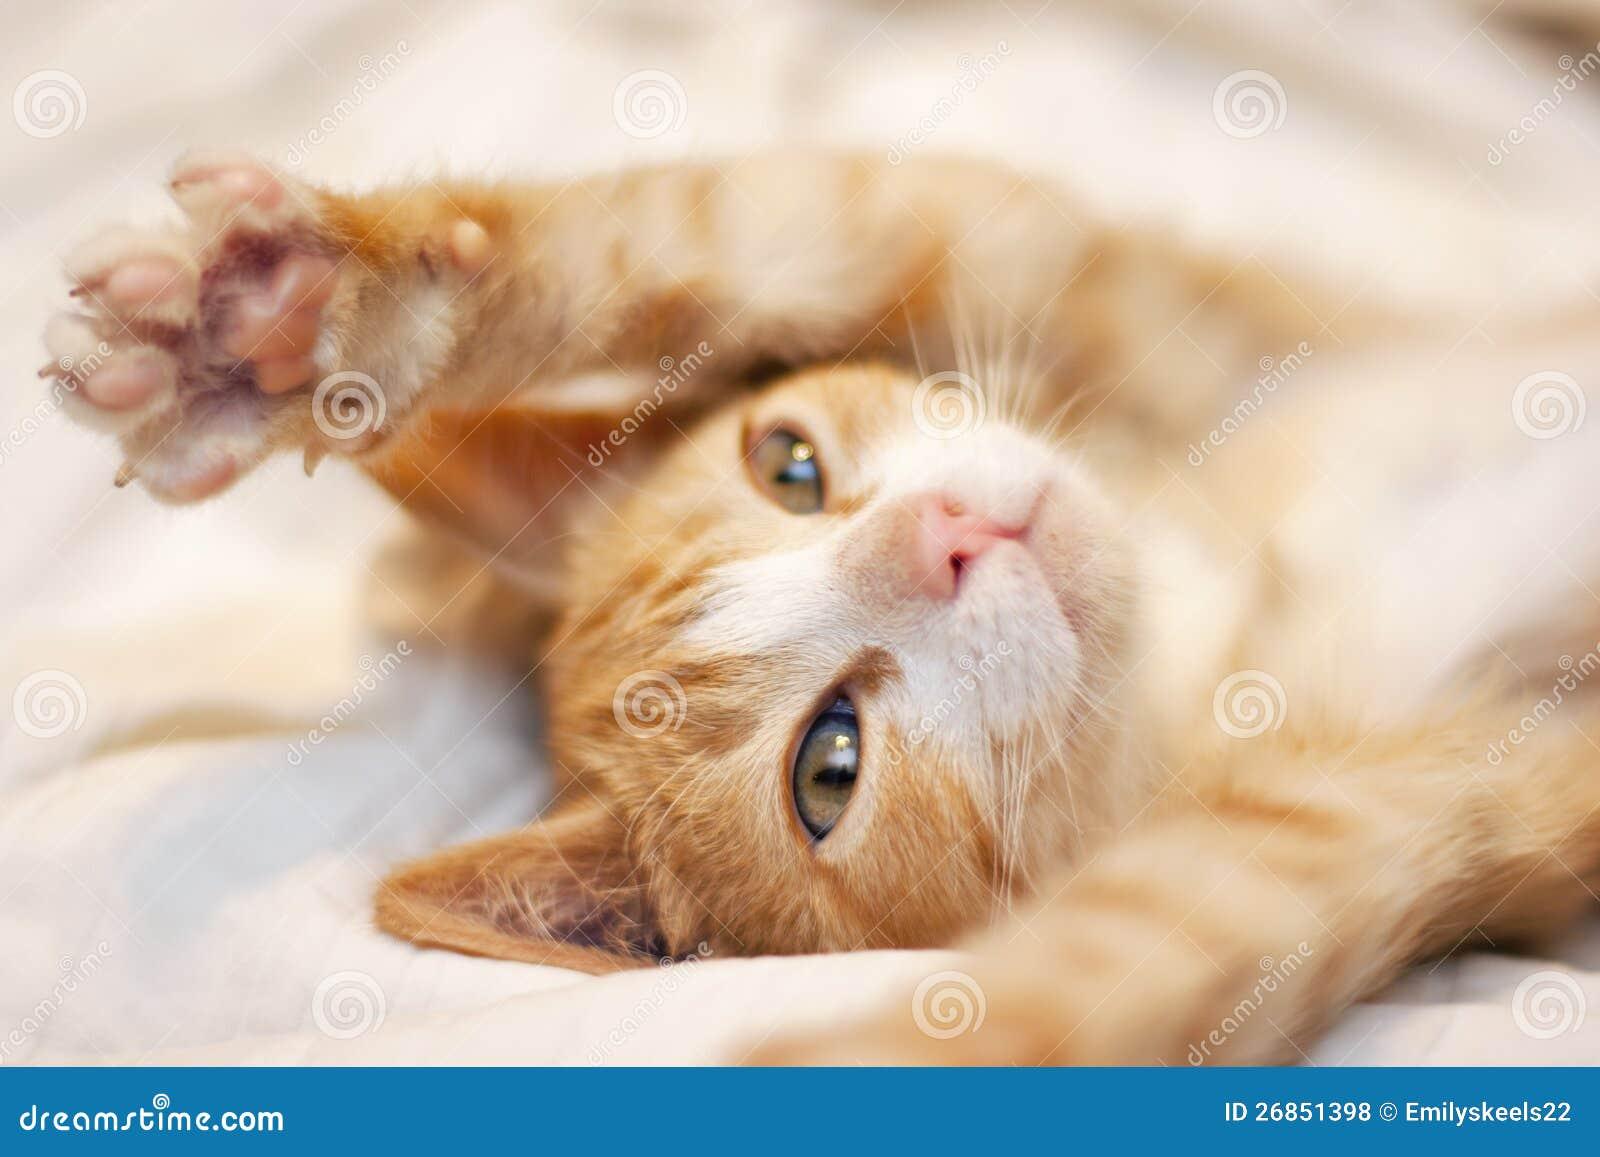 Cute Playful Orange Kitten Royalty Free Stock s Image